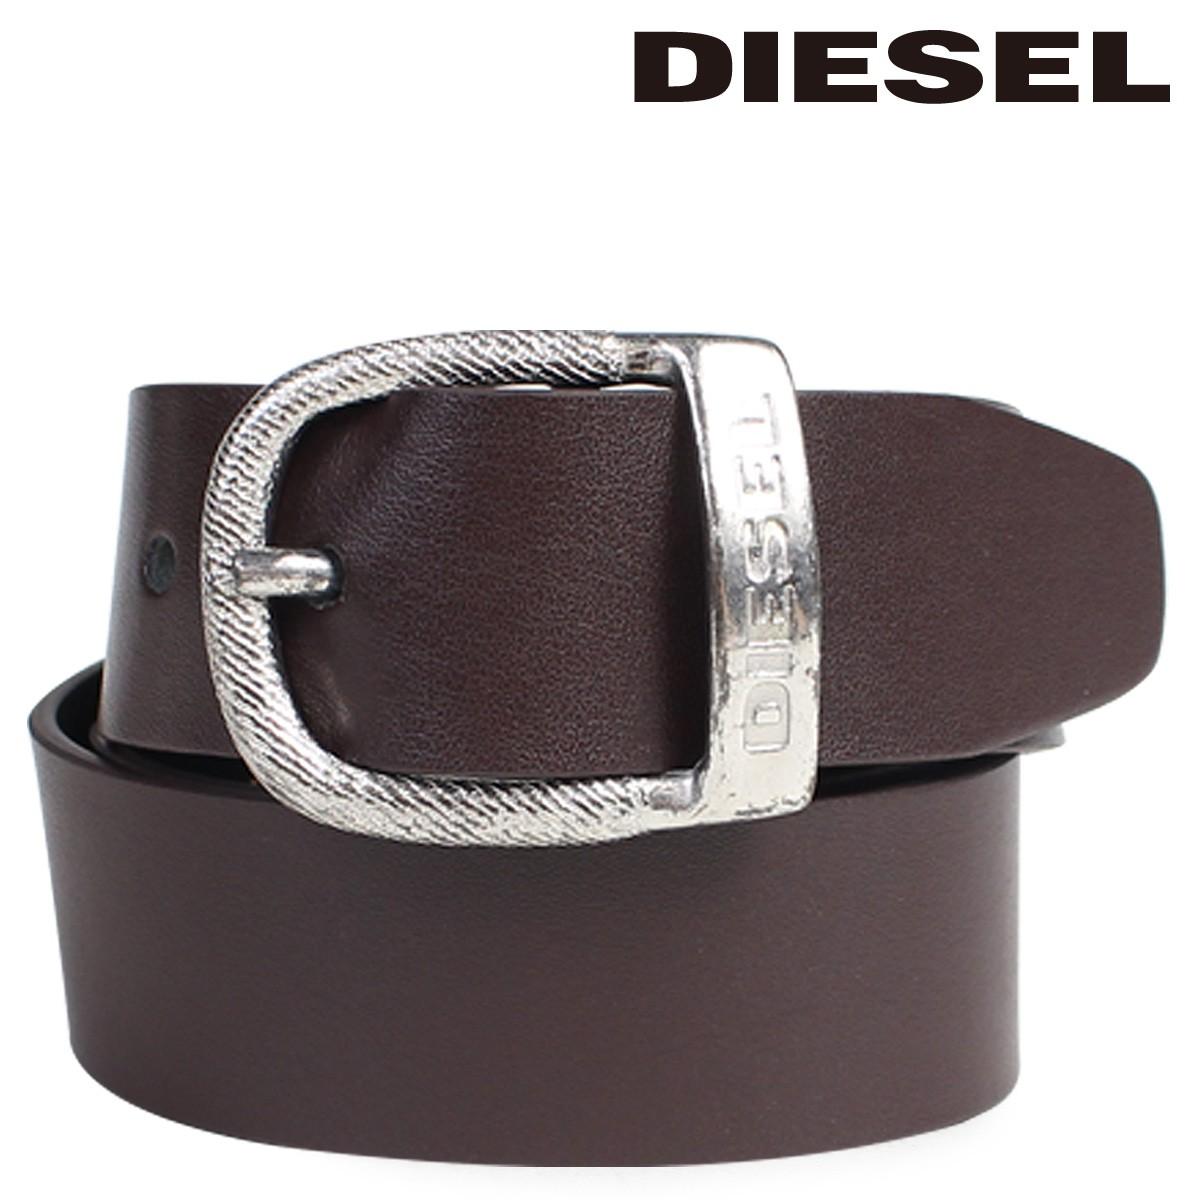 ディーゼル ベルト DIESEL メンズ バックル ロゴ入り カジュアル ヴィンテージ BAWRE X03717 PR250 ブラウン